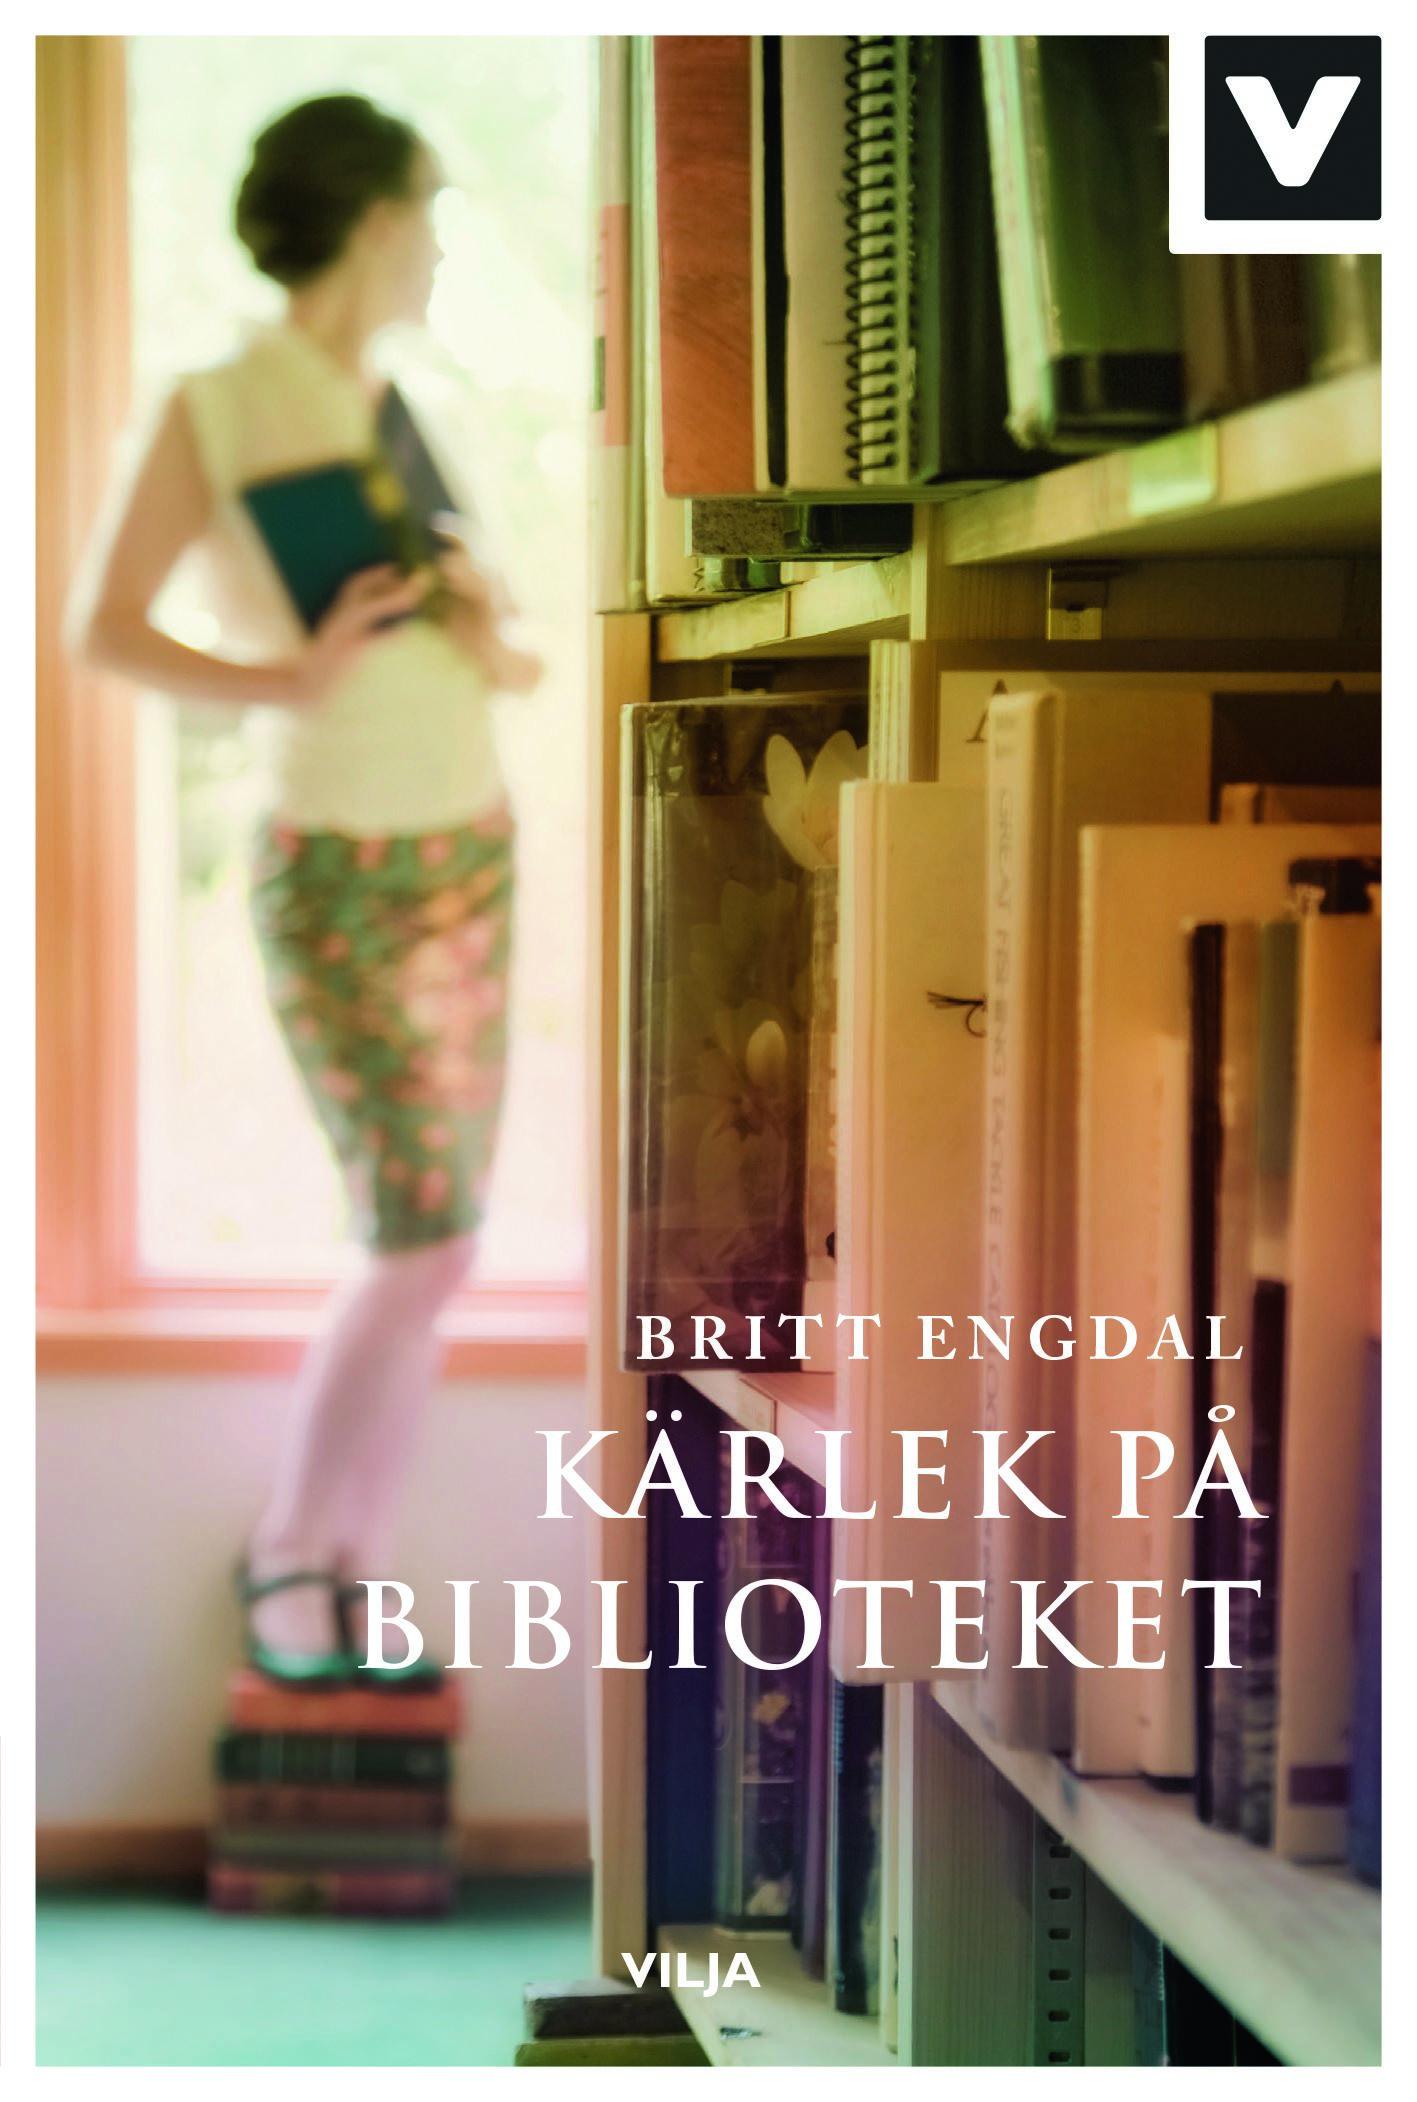 Bokcirkel - för nya svenskar - Britt Engdal